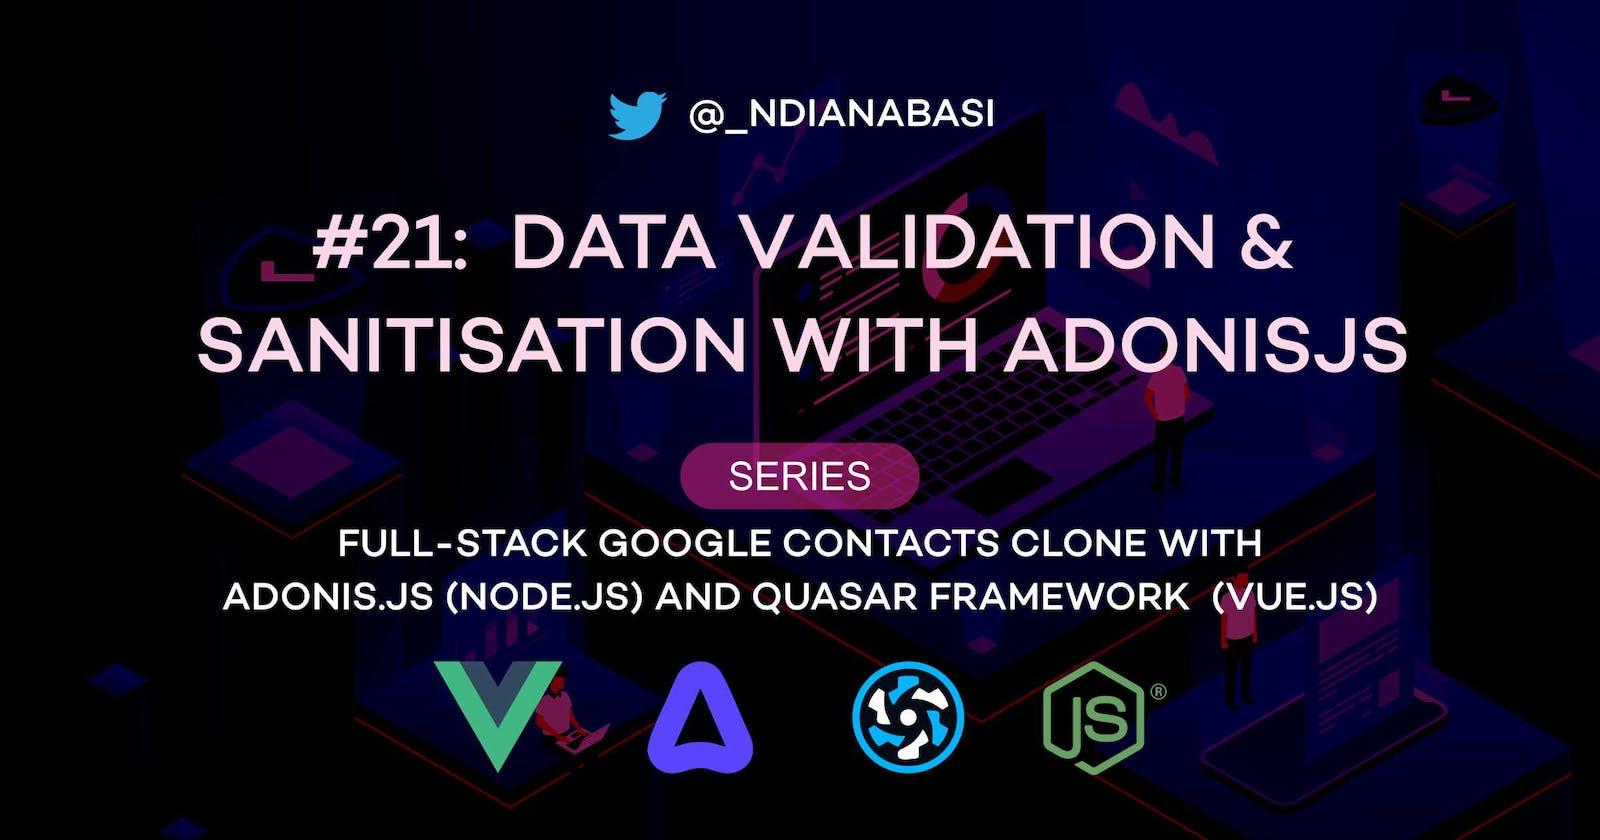 Data Validation & Sanitisation with AdonisJS | Full-Stack Google Contacts Clone with AdonisJS (Node.js) and Quasar Framework (Vue.js)